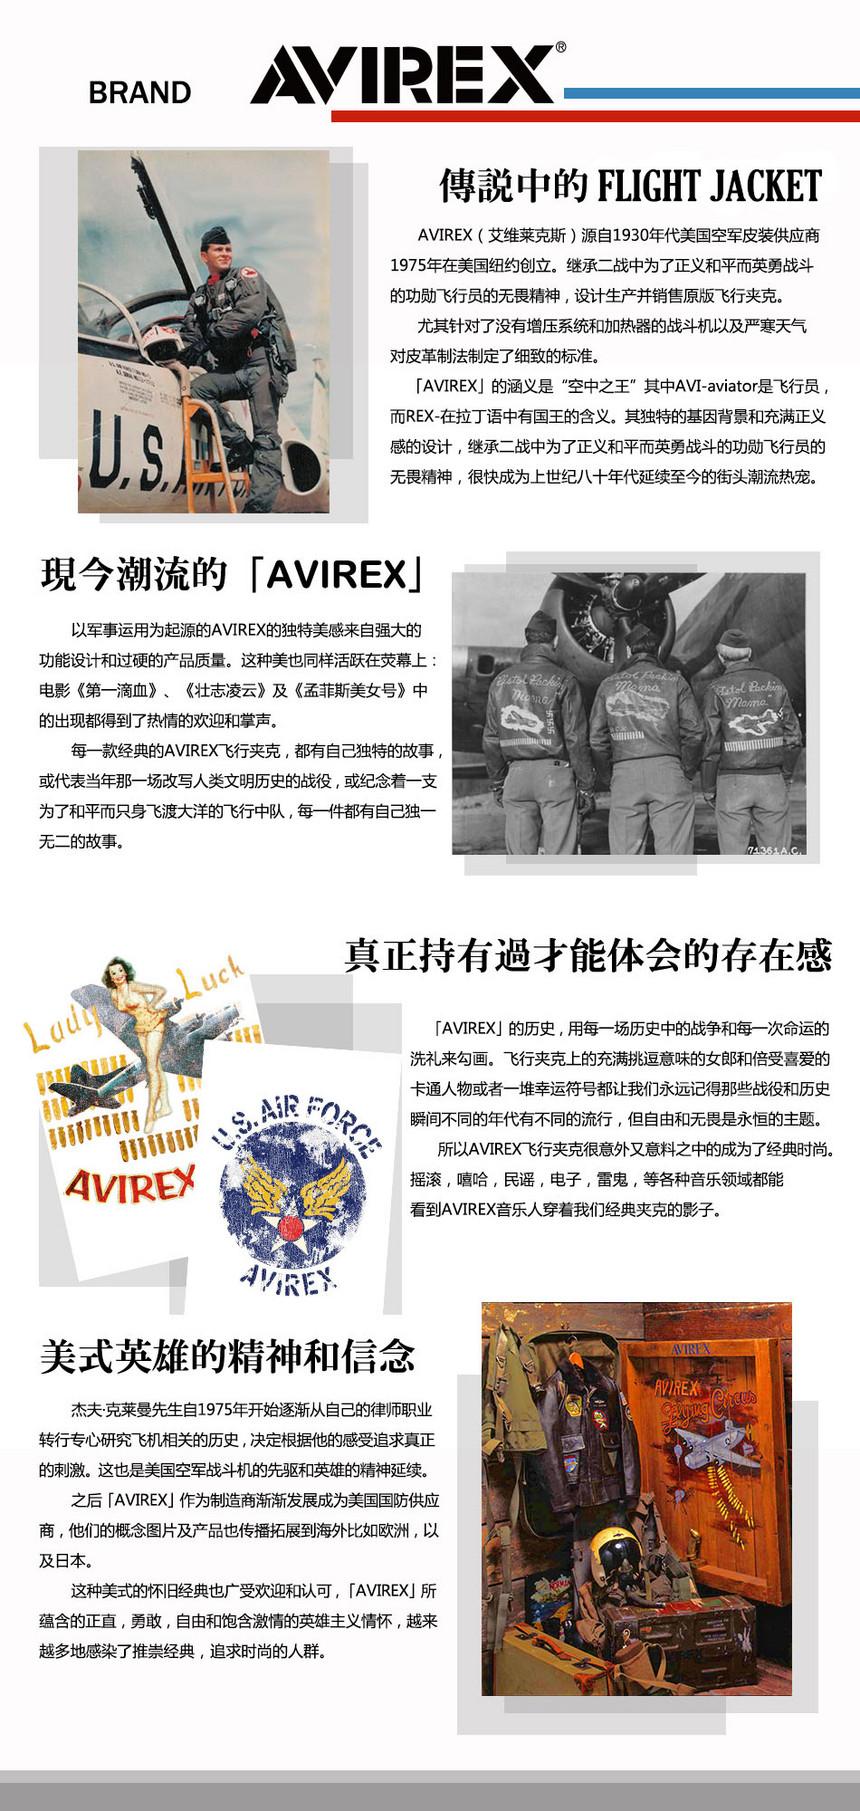 AVIREX-品牌简介-.jpg